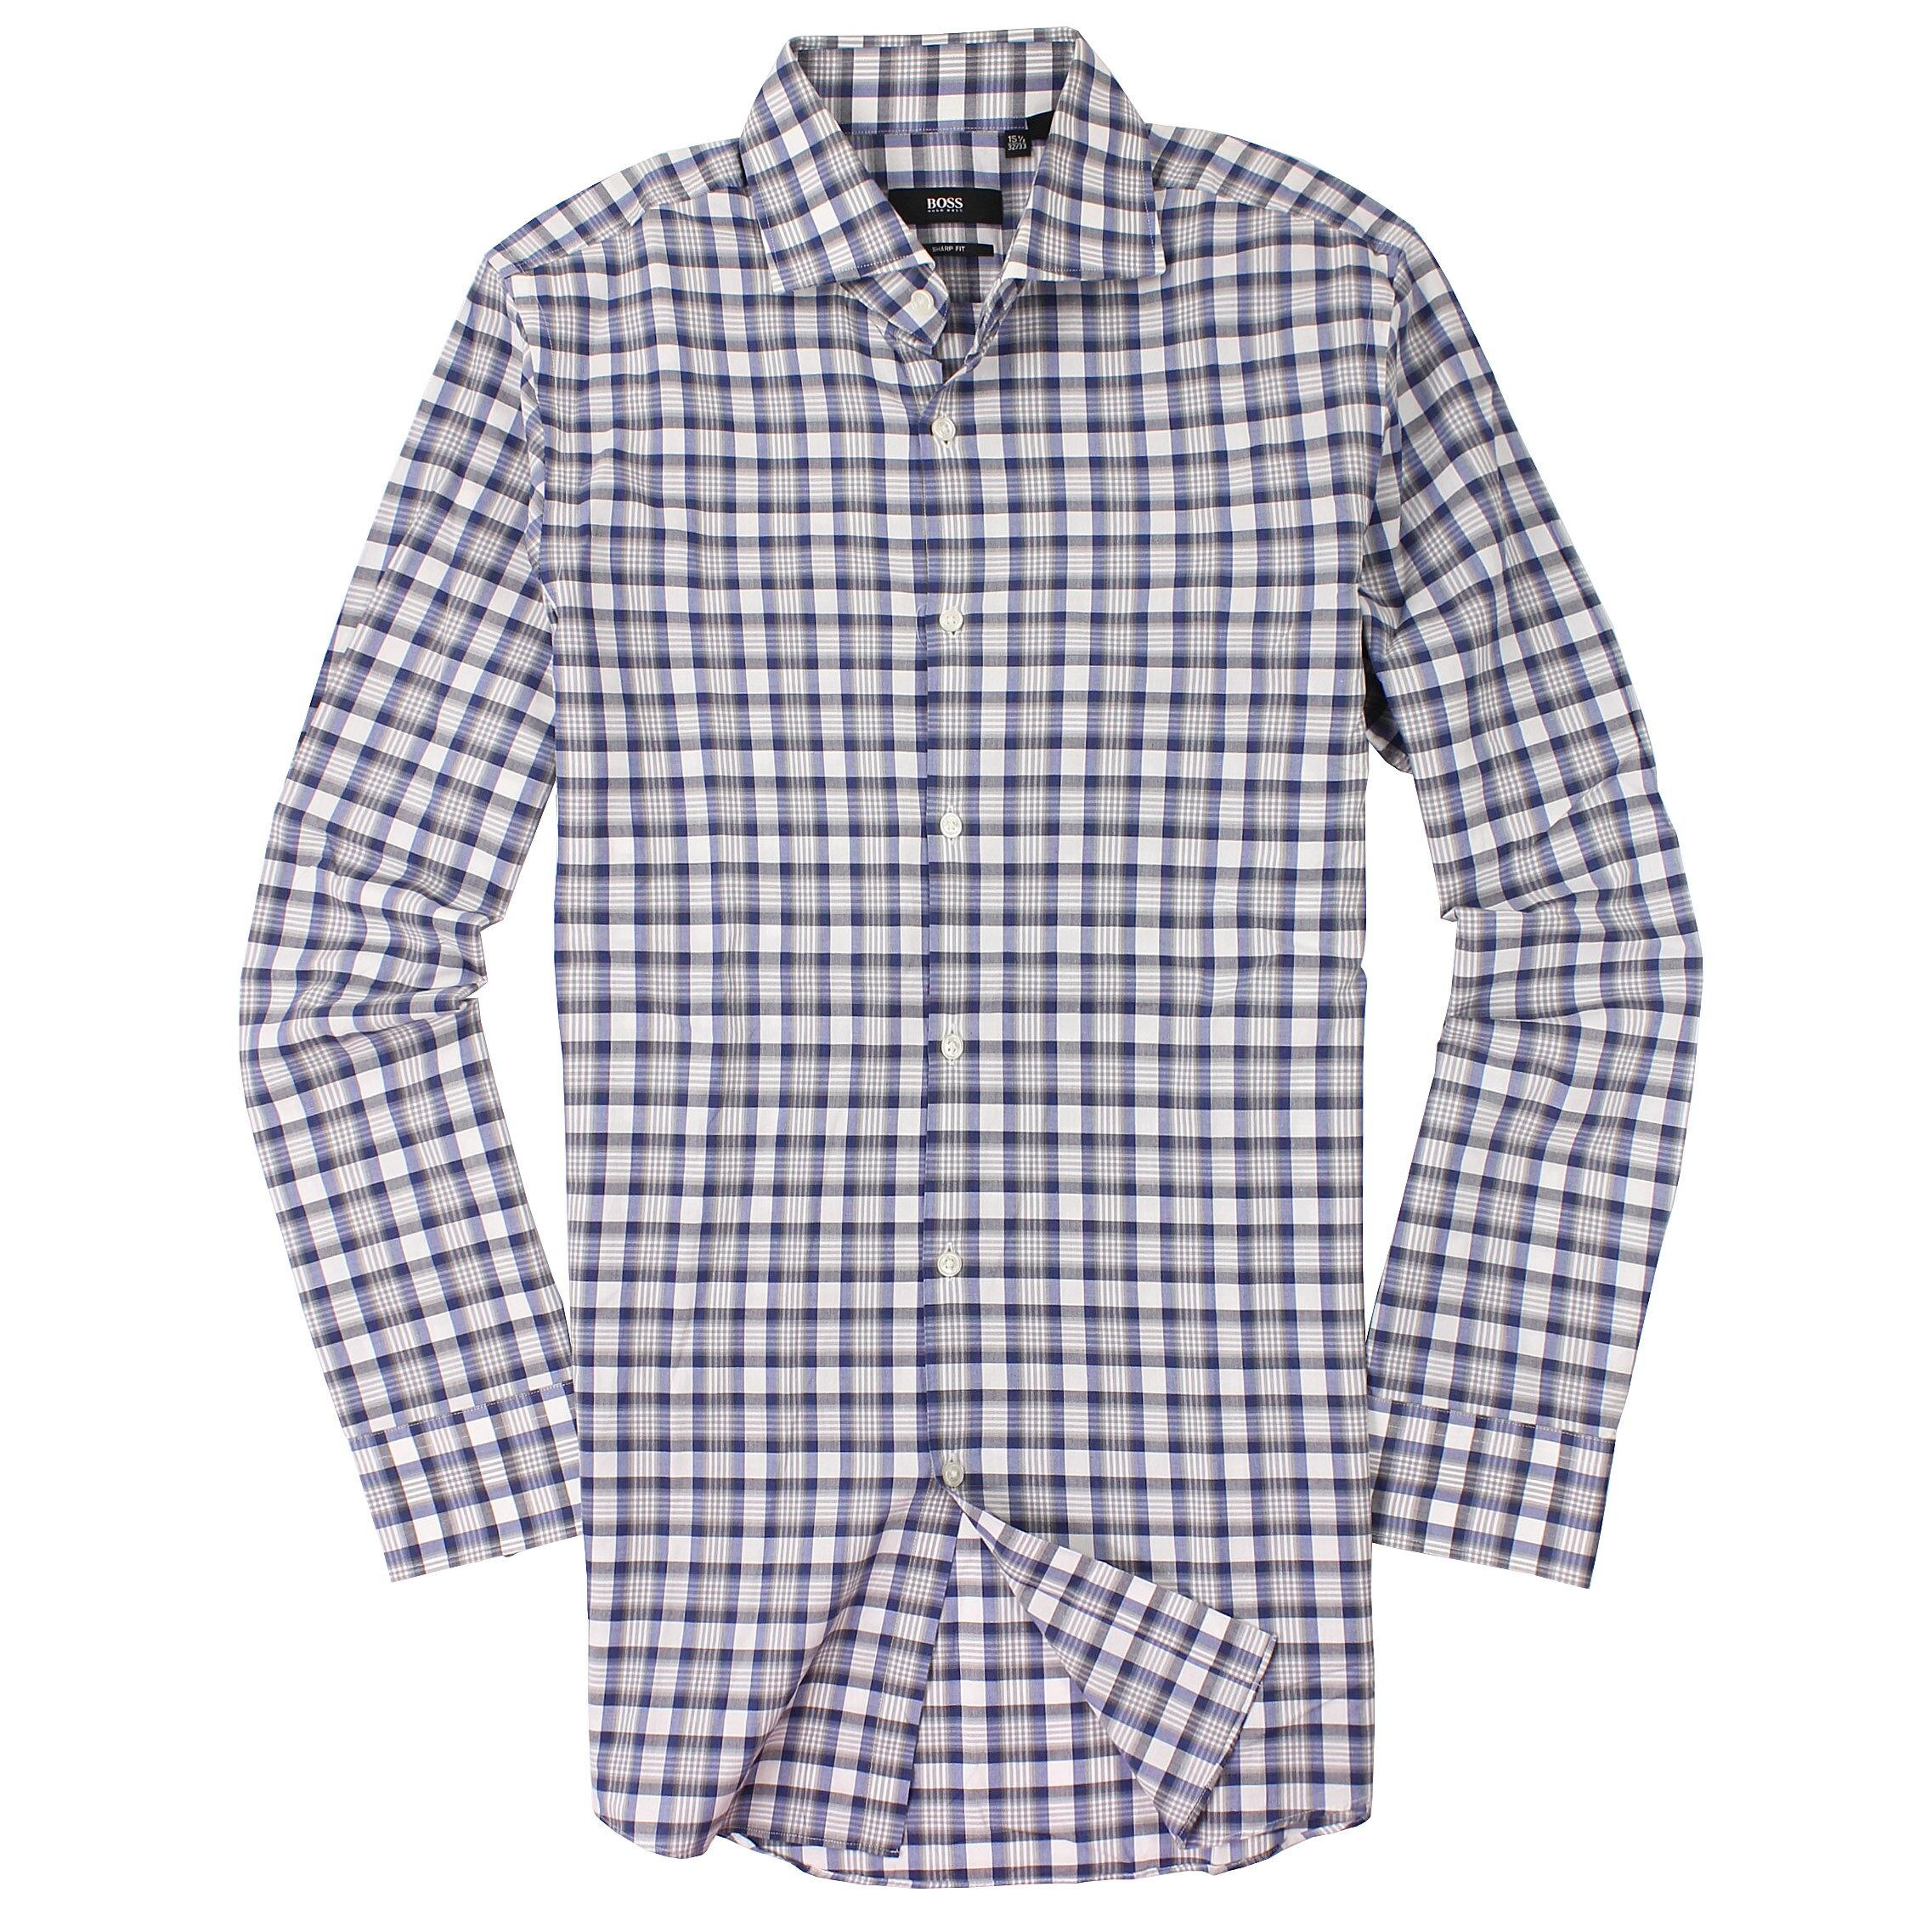 美國百分百【全新真品】Hugo Boss 襯衫 長袖 上衣 上班 休閒 條紋 專櫃 名牌 深藍灰 男 15號半 M號 C671